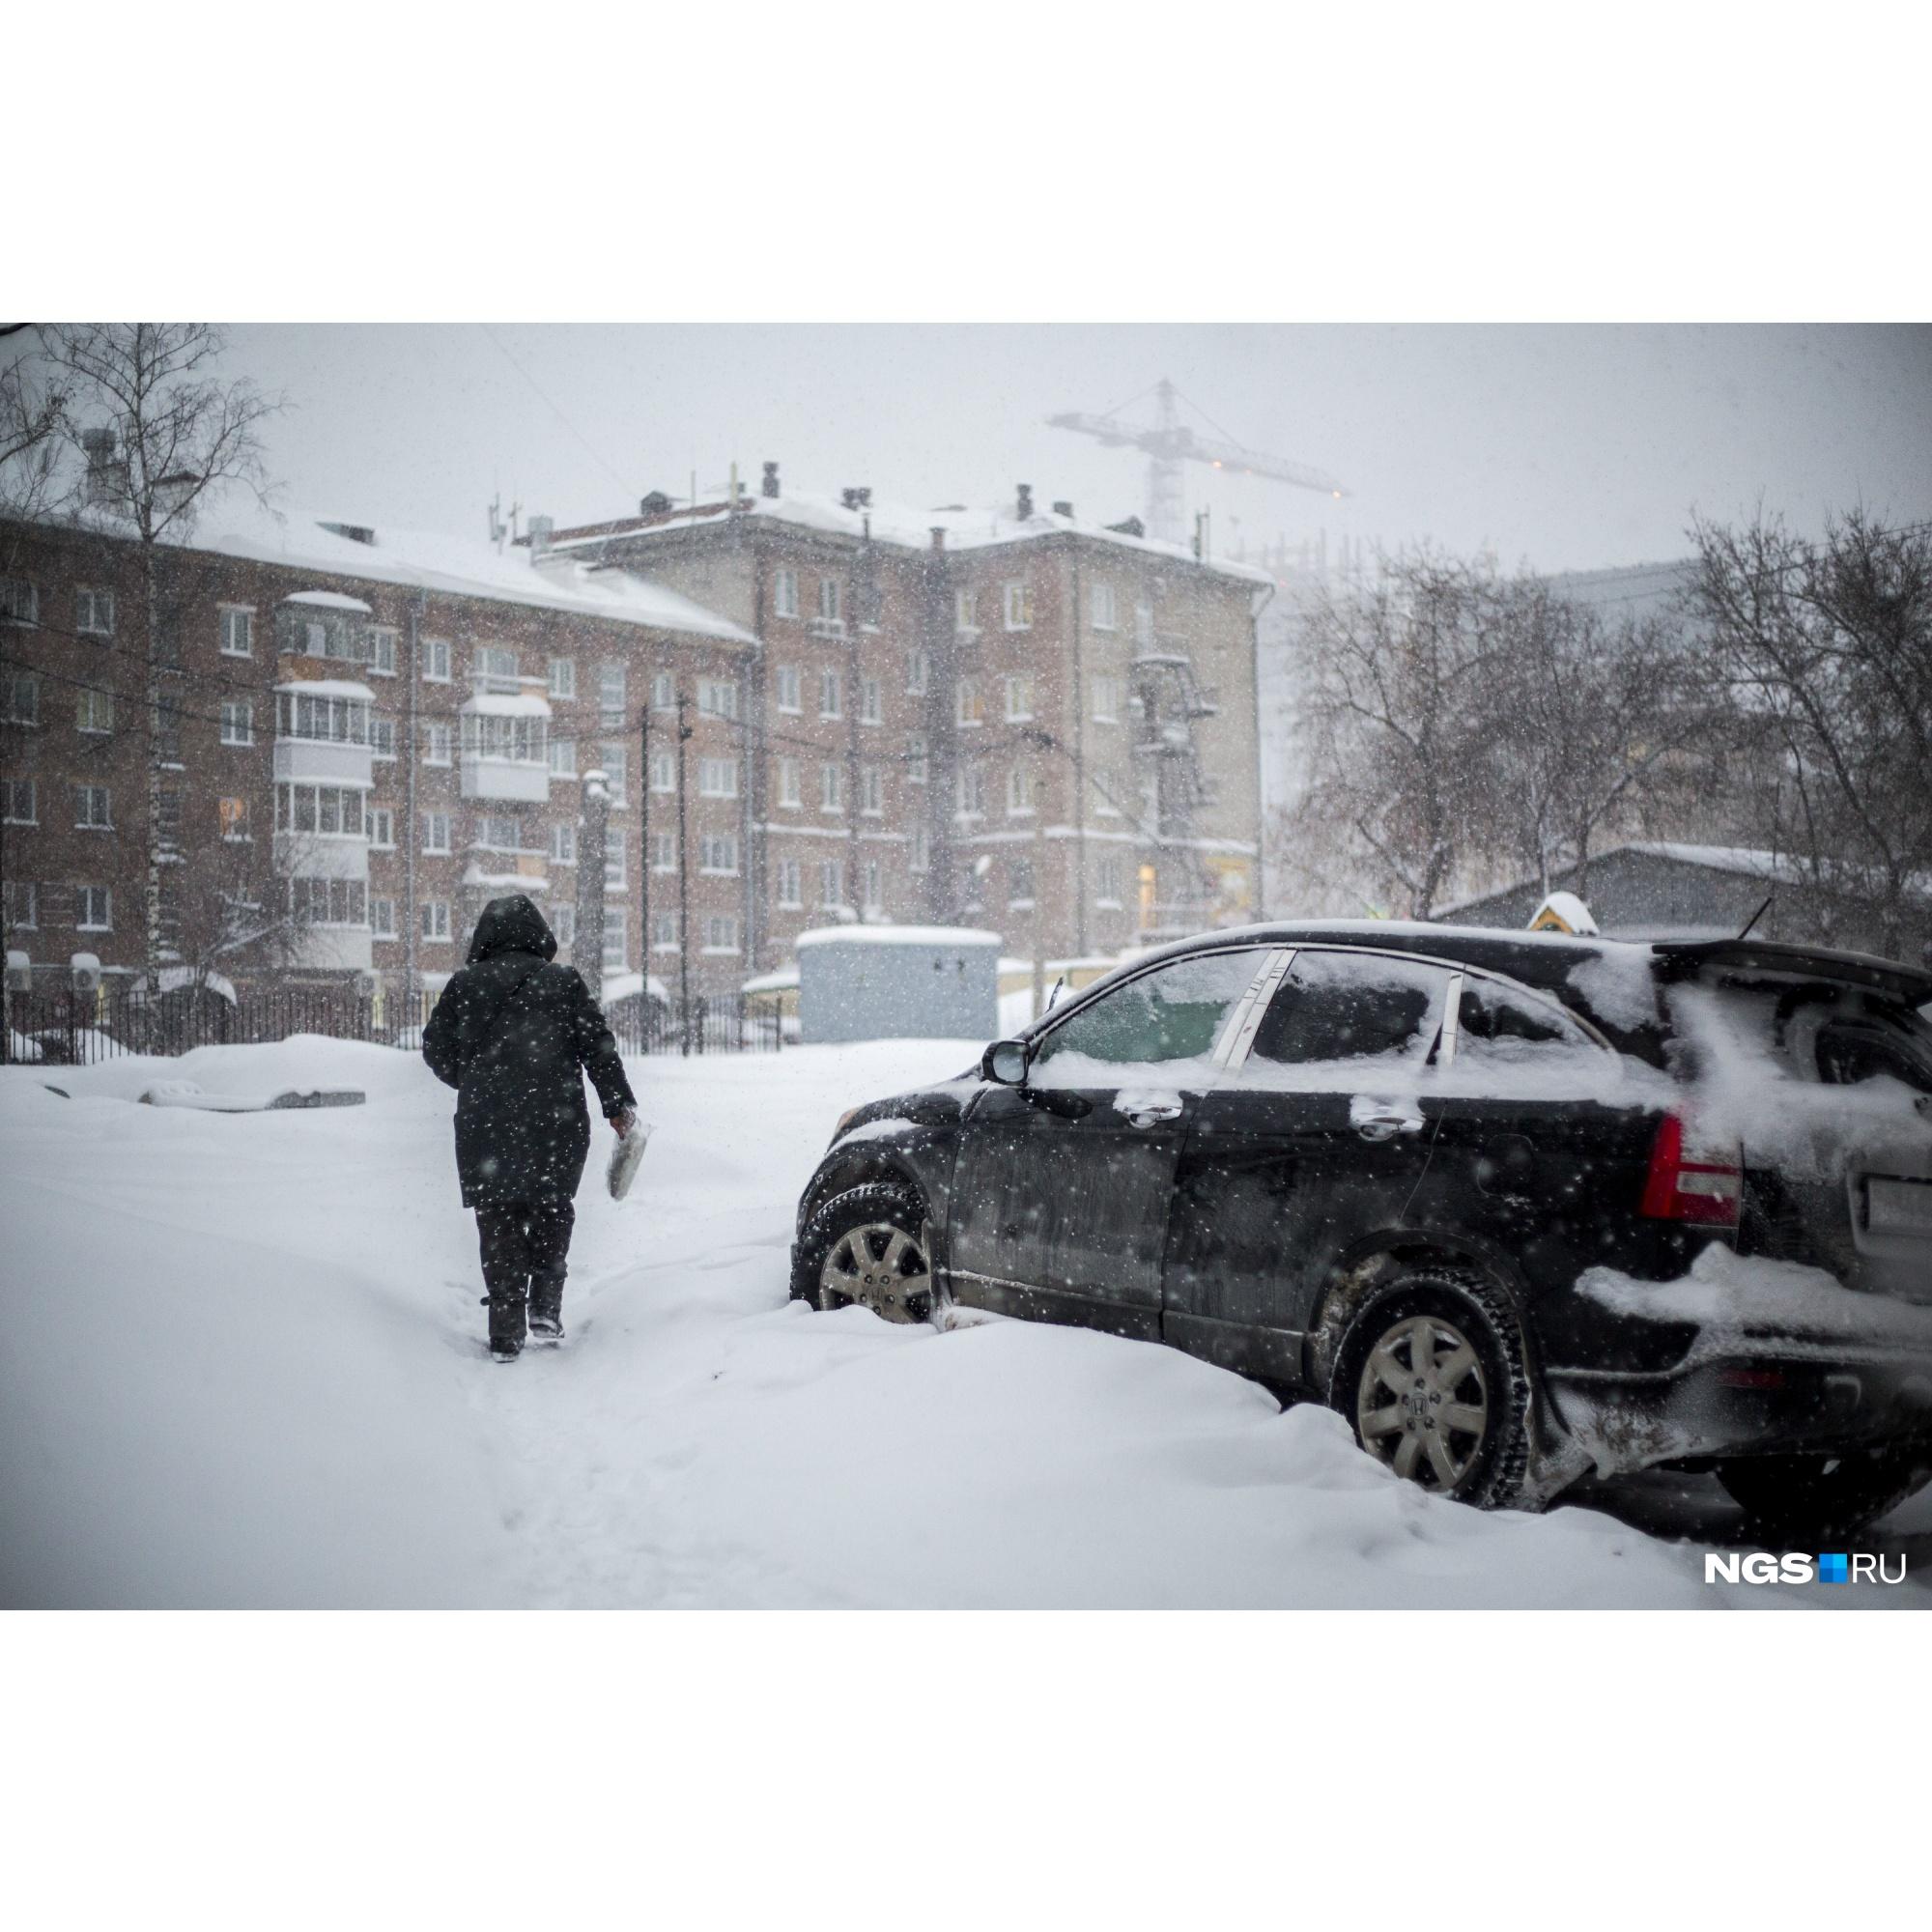 Мэрия предложила горожанам отказаться от личного транспорта на время сильных снегопадов